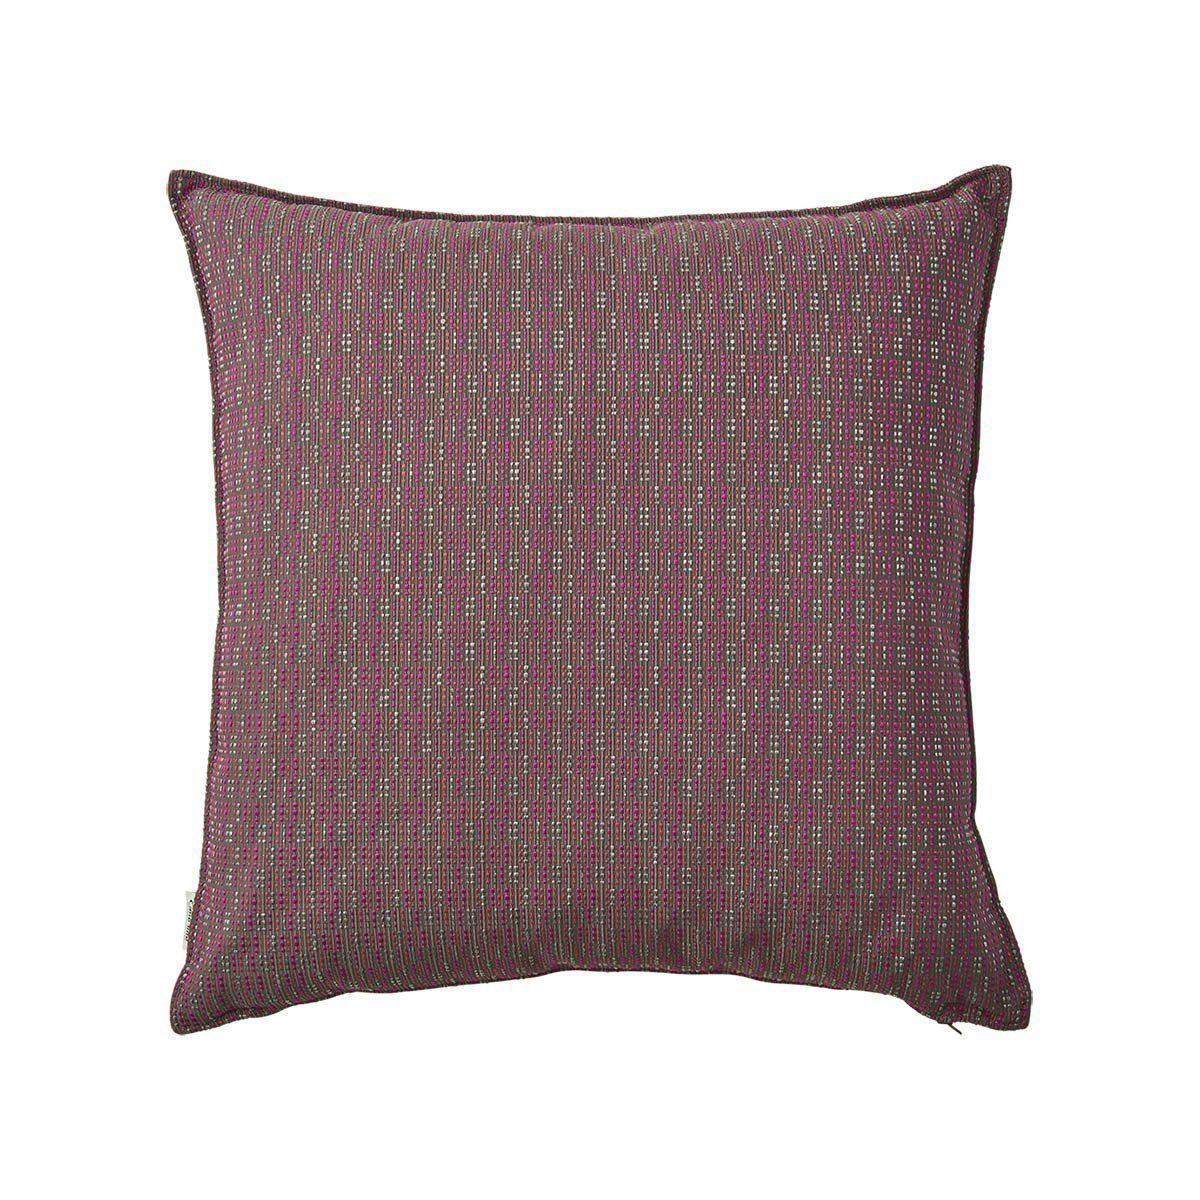 Stripe multi pink kuddfodral från Cane-line i storleken 50x50 cm.